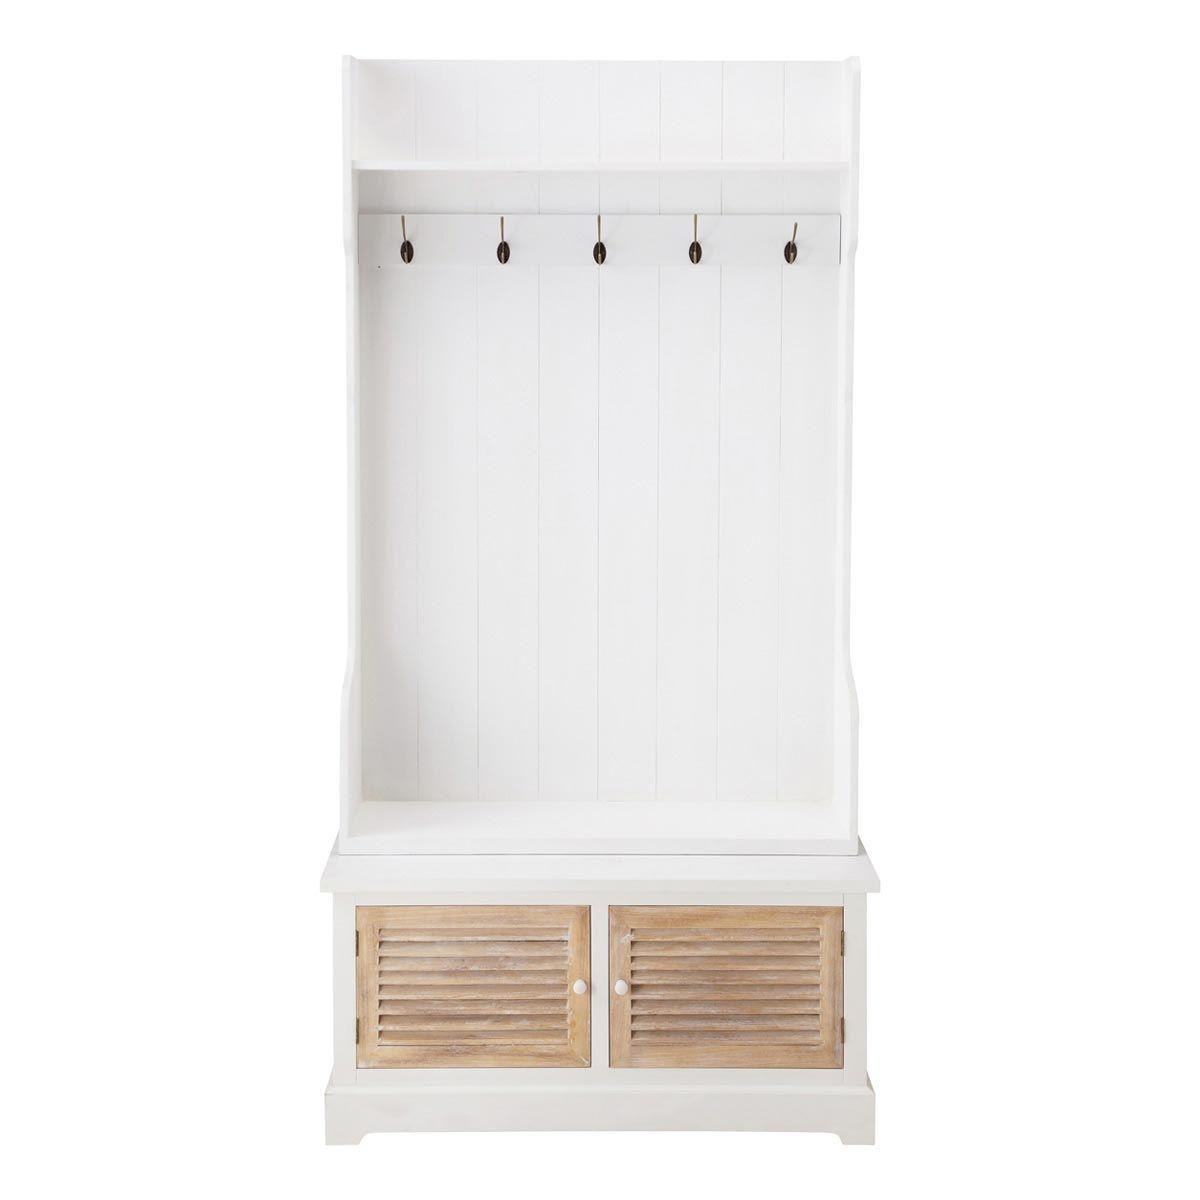 Mobile bianco da ingresso in legno con 5 attaccapanni L 96 cm ...